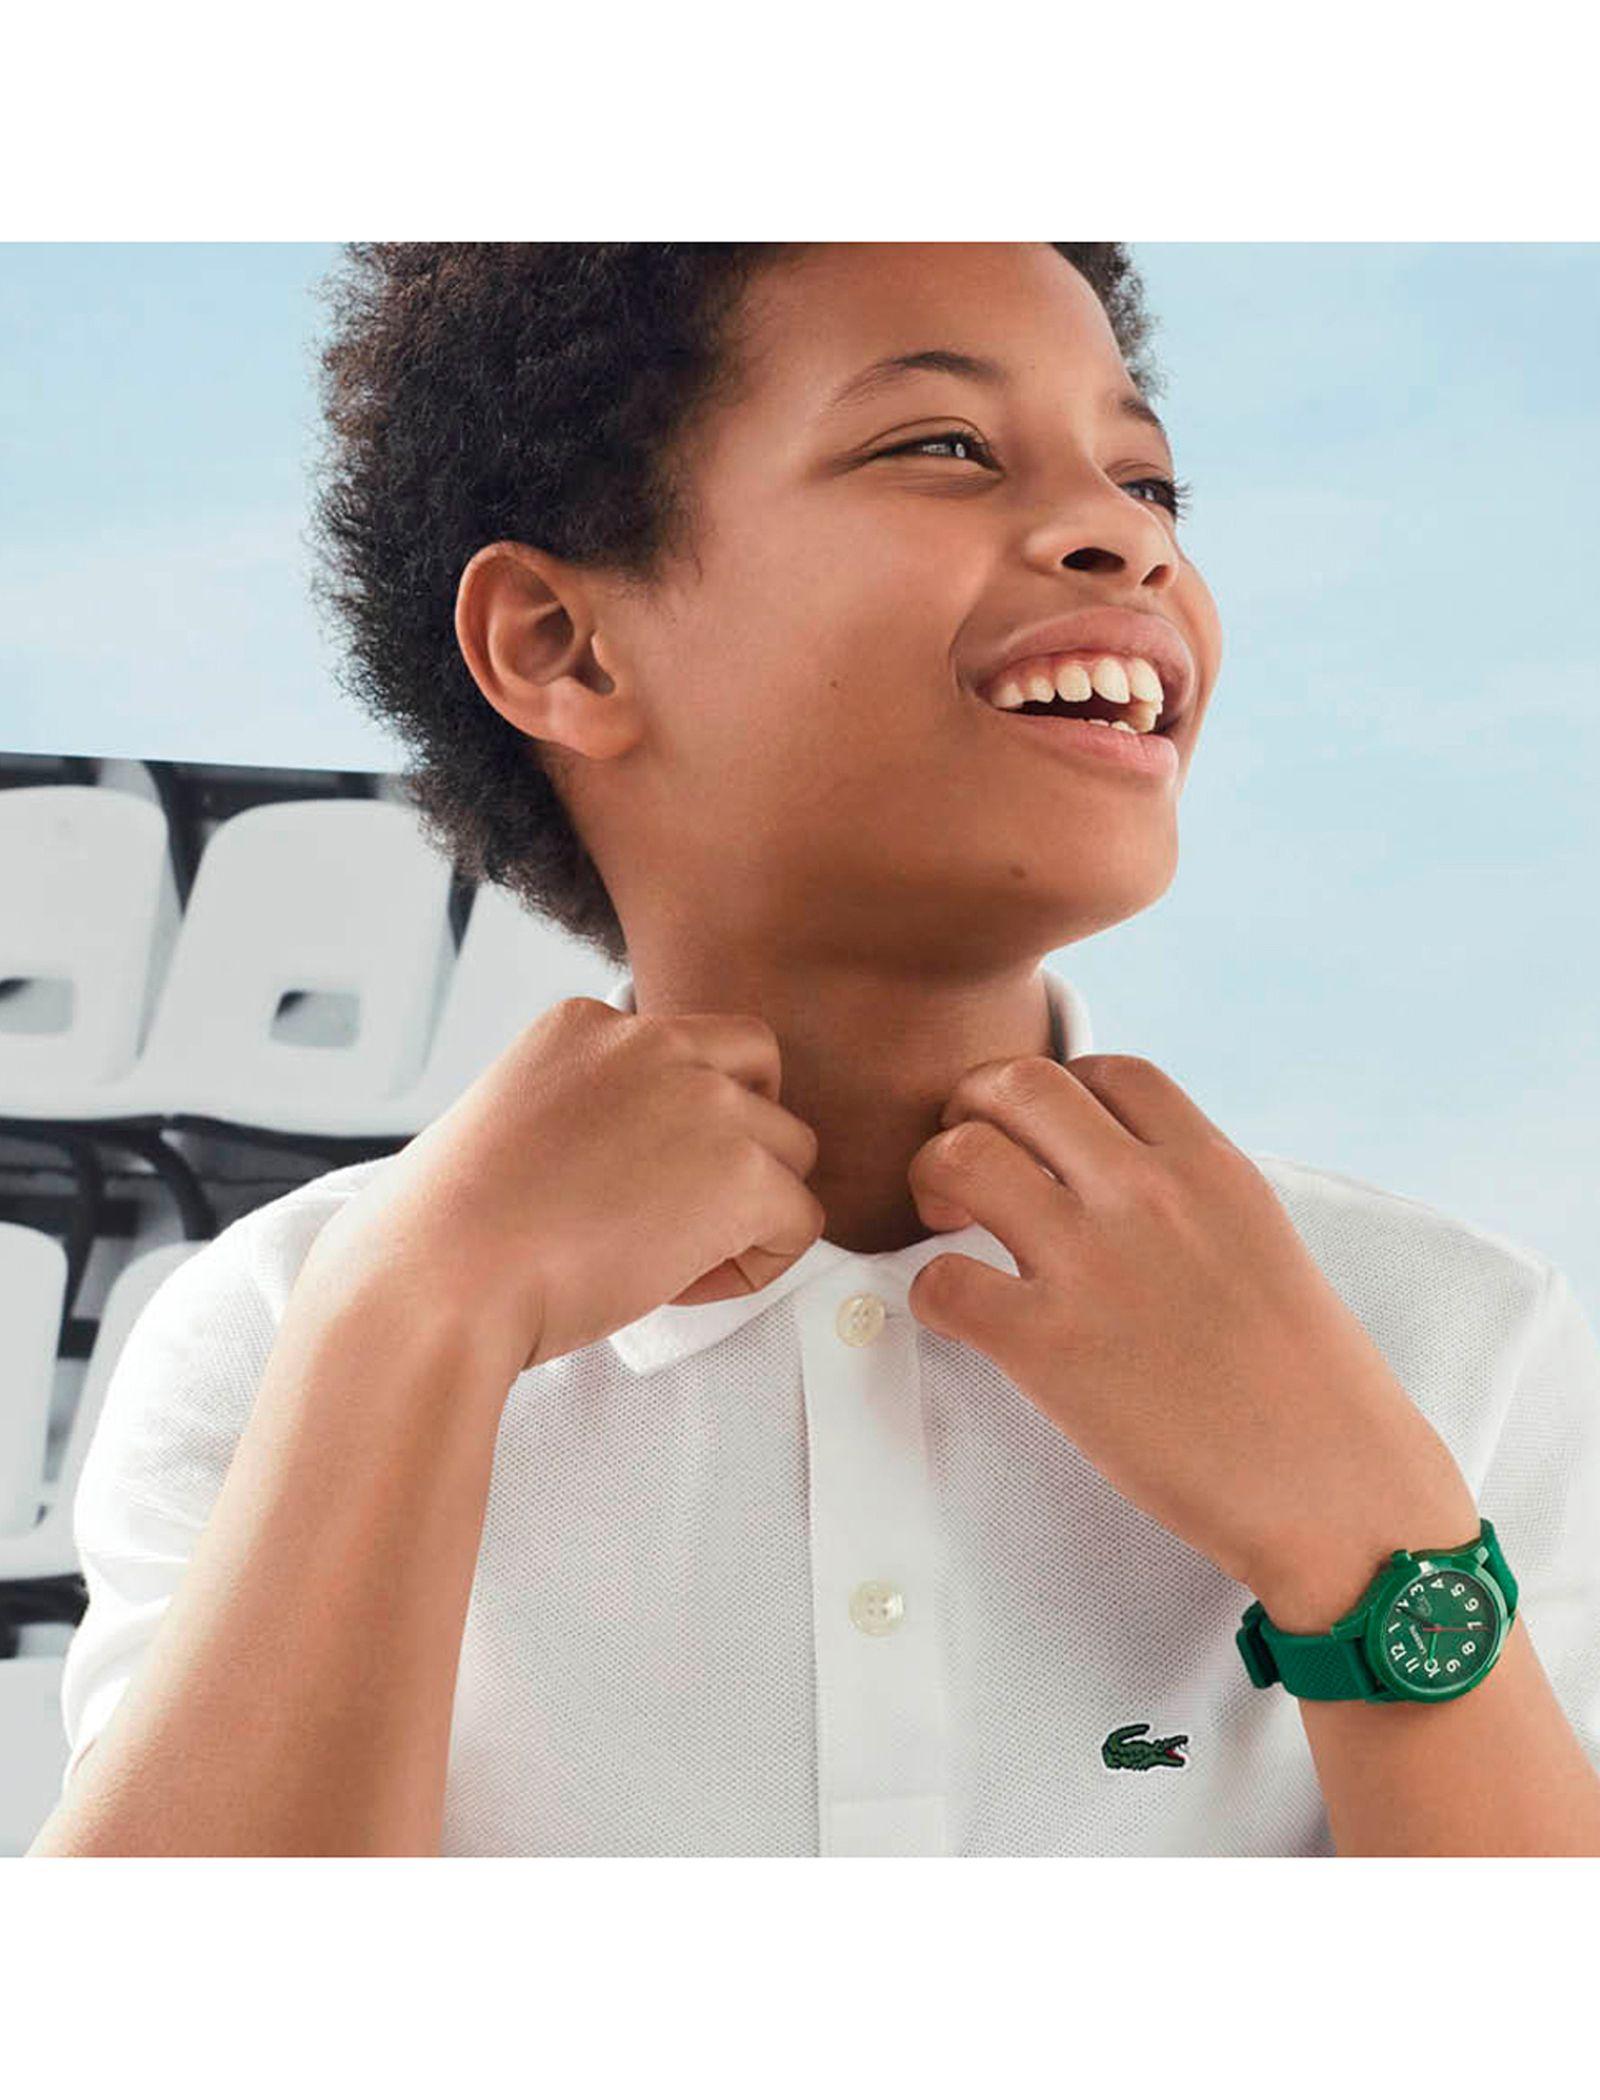 ساعت مچی عقربه ای بچگانه لاگوست مدل 2030001 - سبز - 1